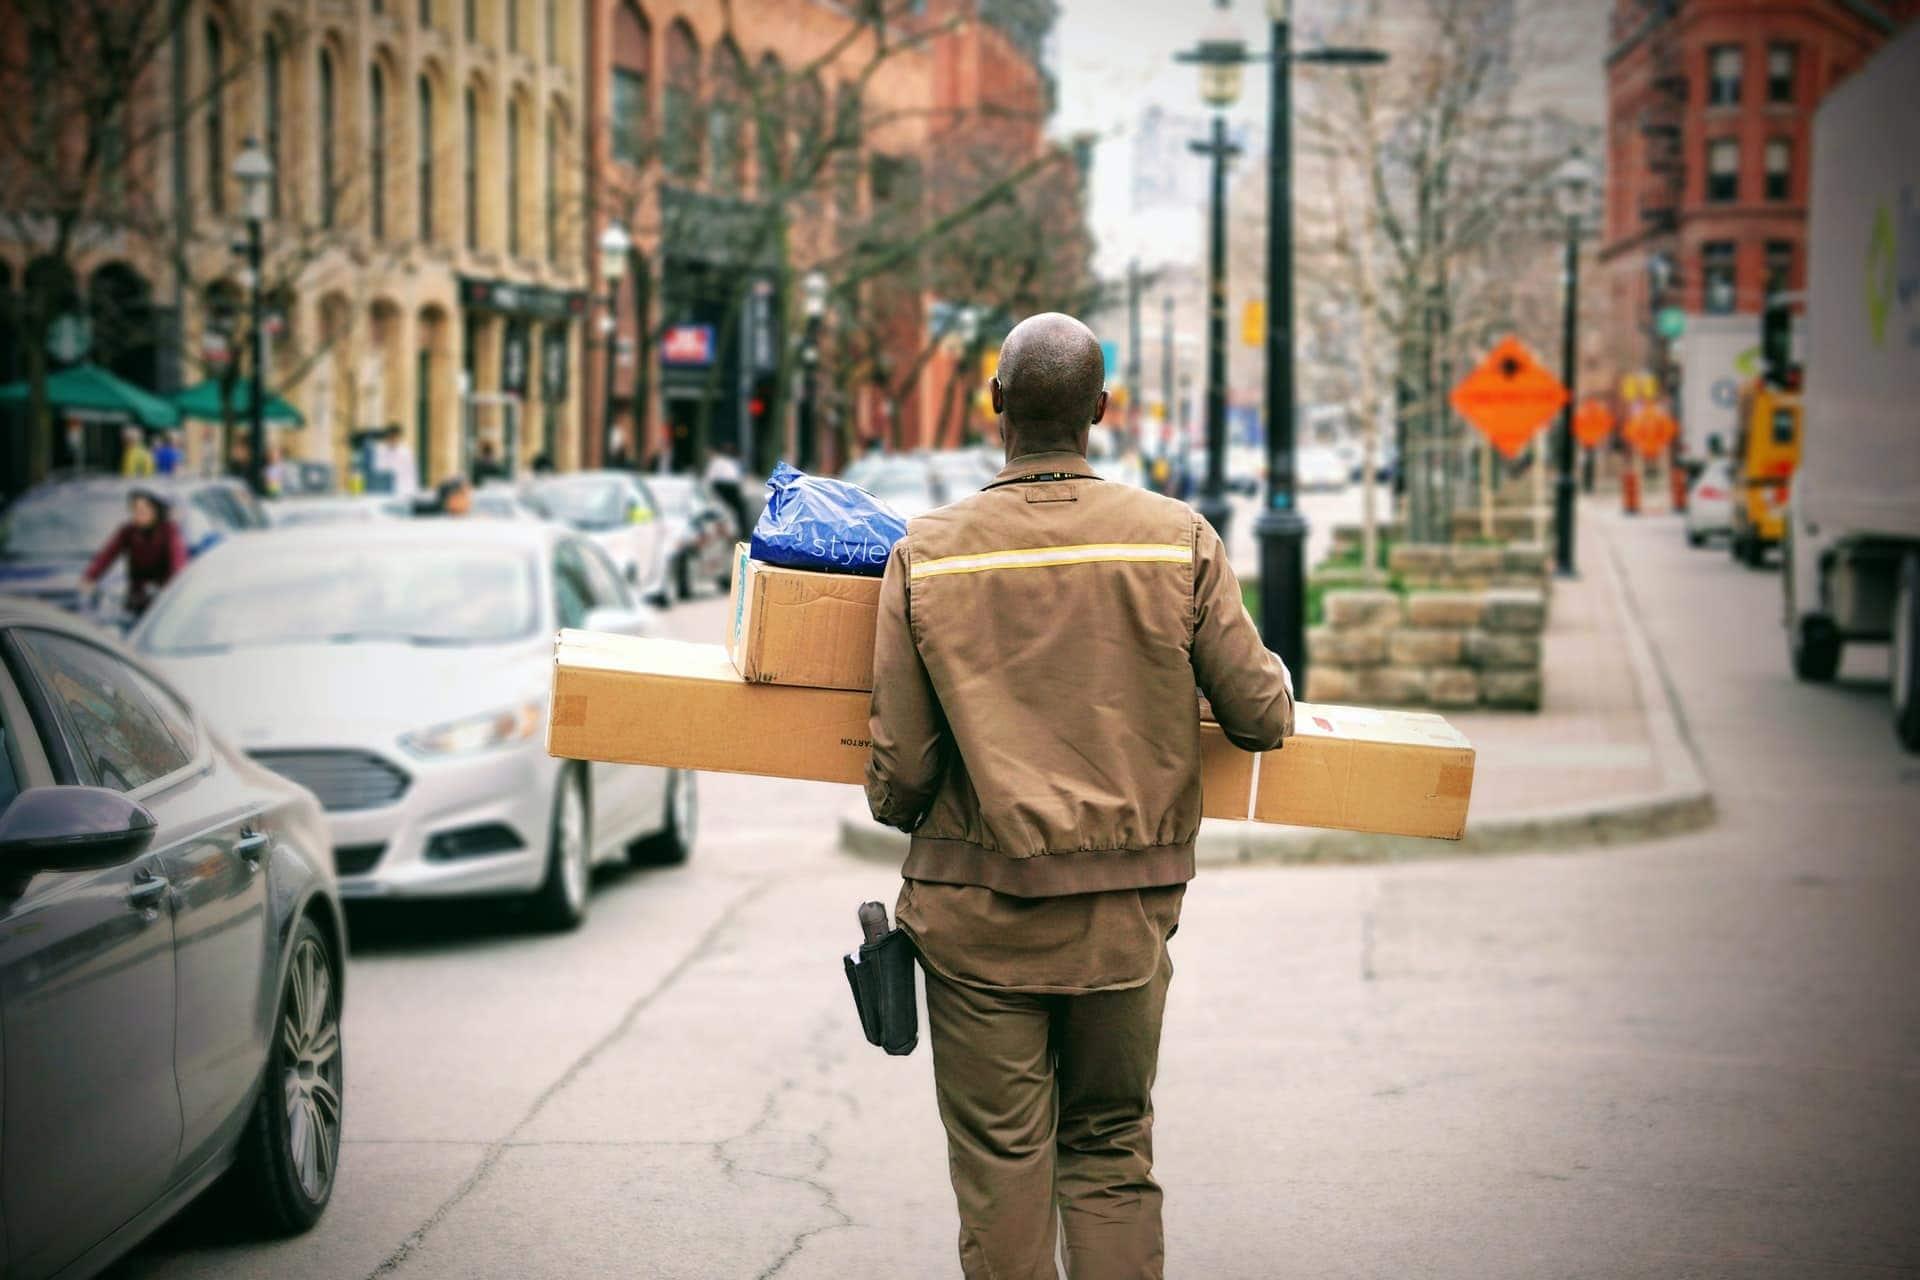 El transportista de un eCommerce después del Brexit lleva los paquetes para luego entregarlos al destinatario.